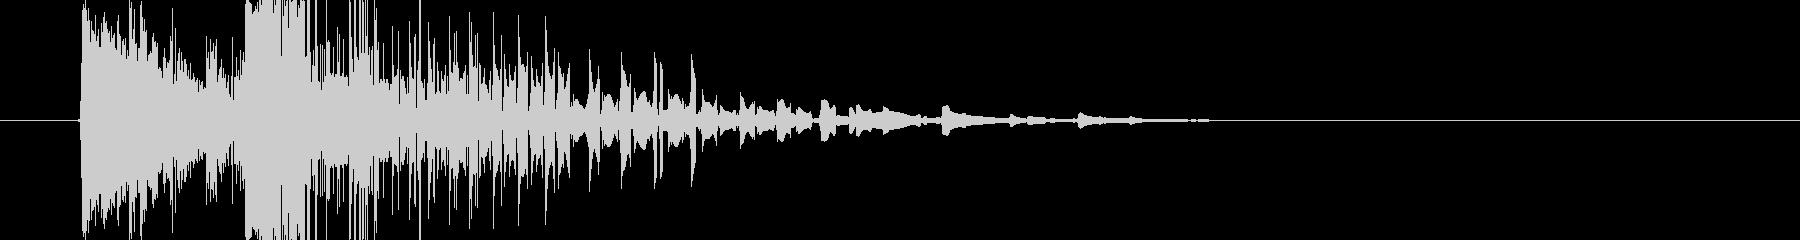 ドラムキックバージョン3の未再生の波形